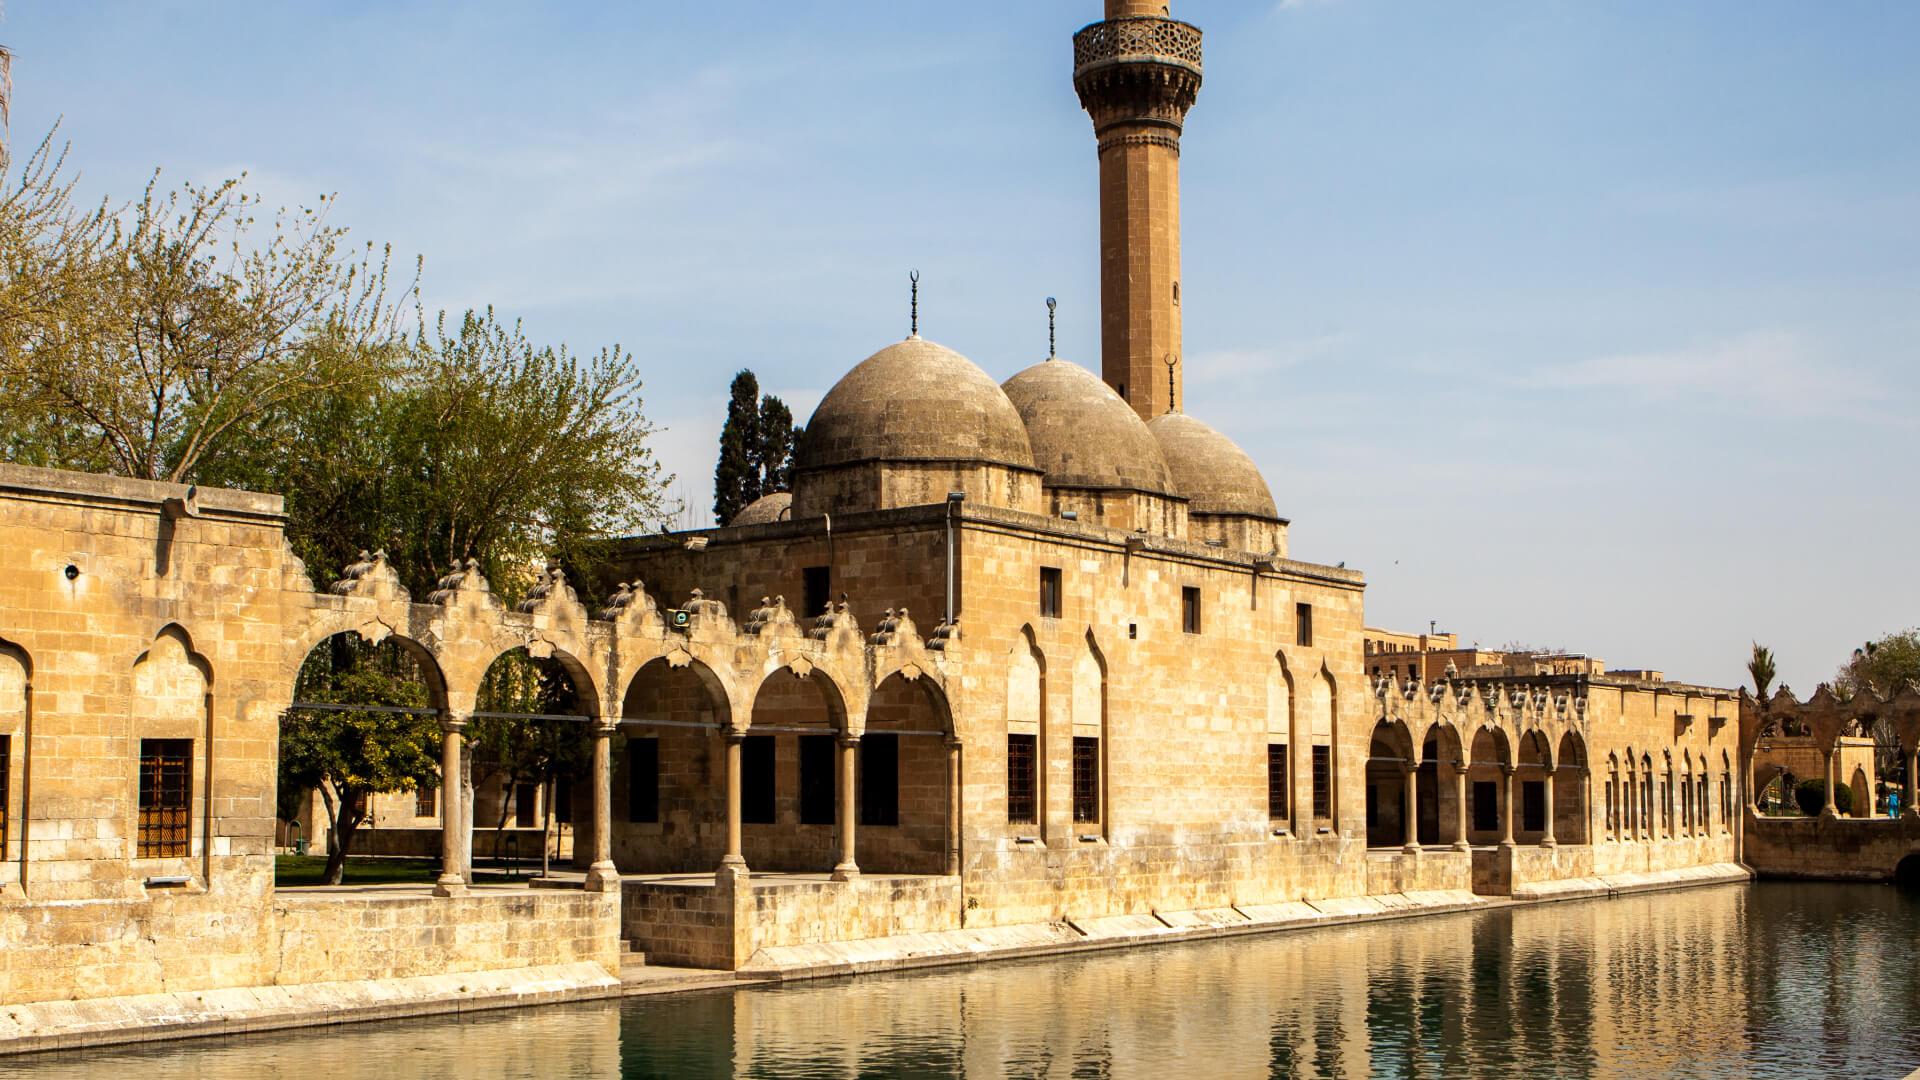 Mezopotamya'nın Esrarengiz Şehrinde Balıklıgöl